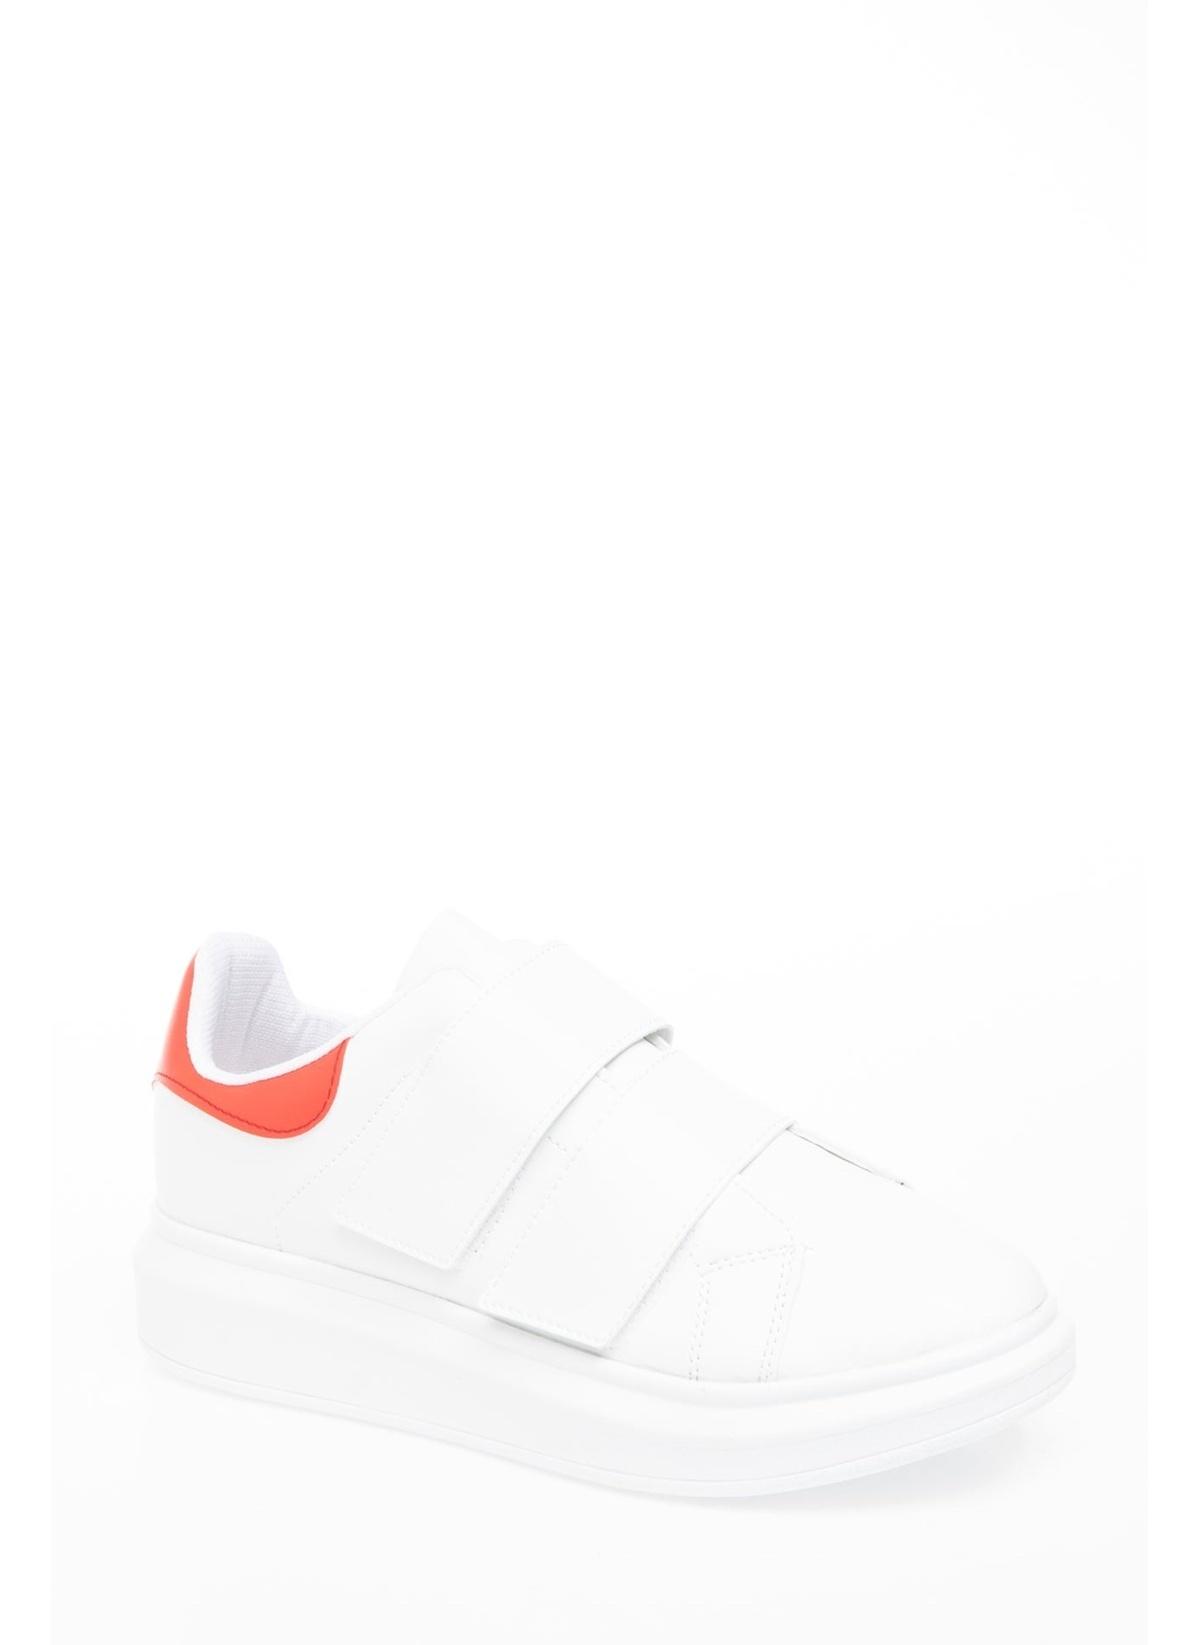 Defacto Bantlı Spor Ayakkabı J6734az18auwt1casual Ayakkabı – 89.99 TL